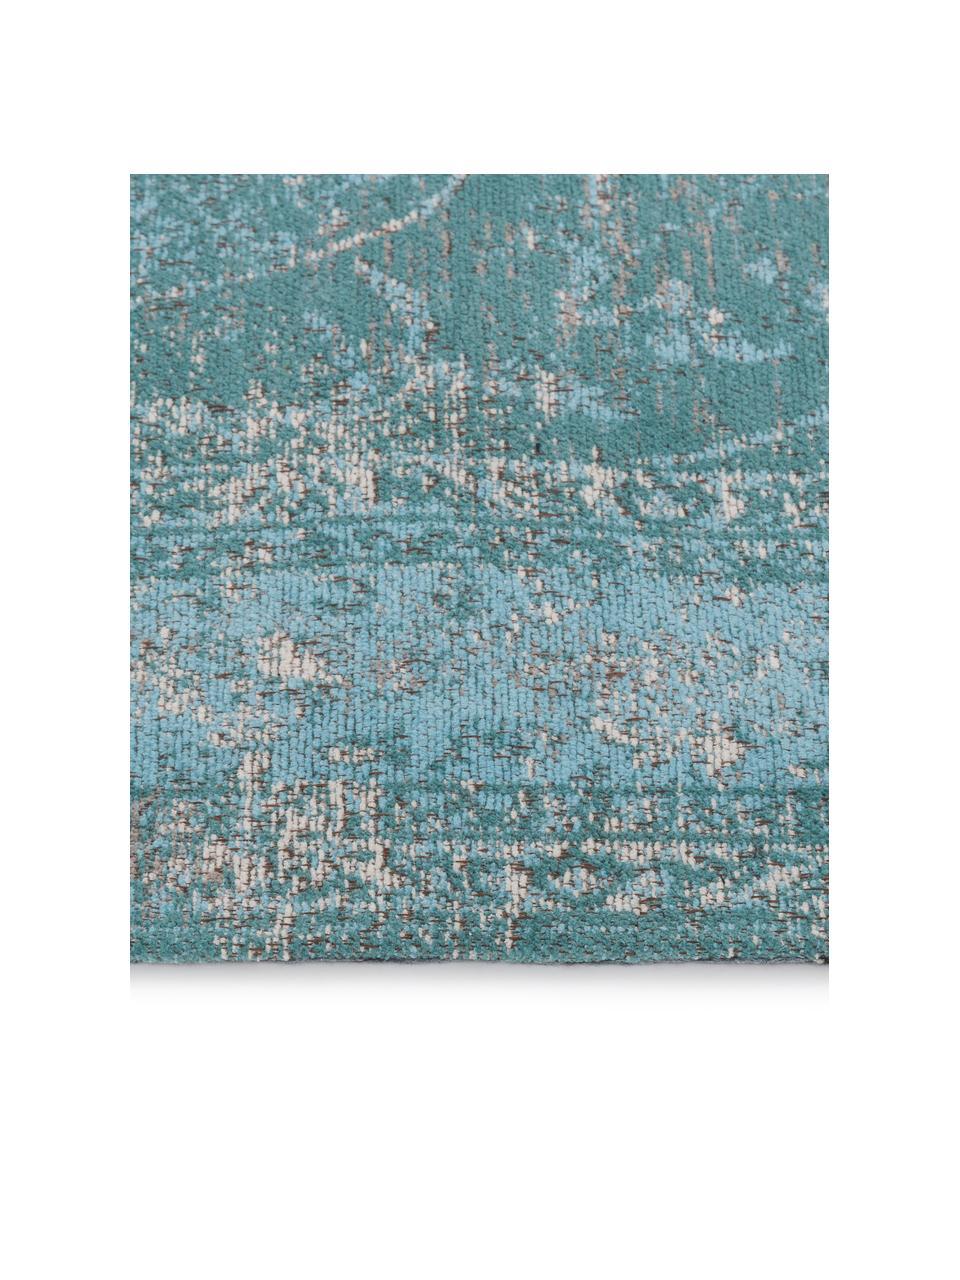 Vintage Chenilleteppich Palermo in Türkis, Flor: 95% Baumwolle, 5% Polyest, Türkis, Hellblau, Creme, B 160 x L 230 cm (Größe M)